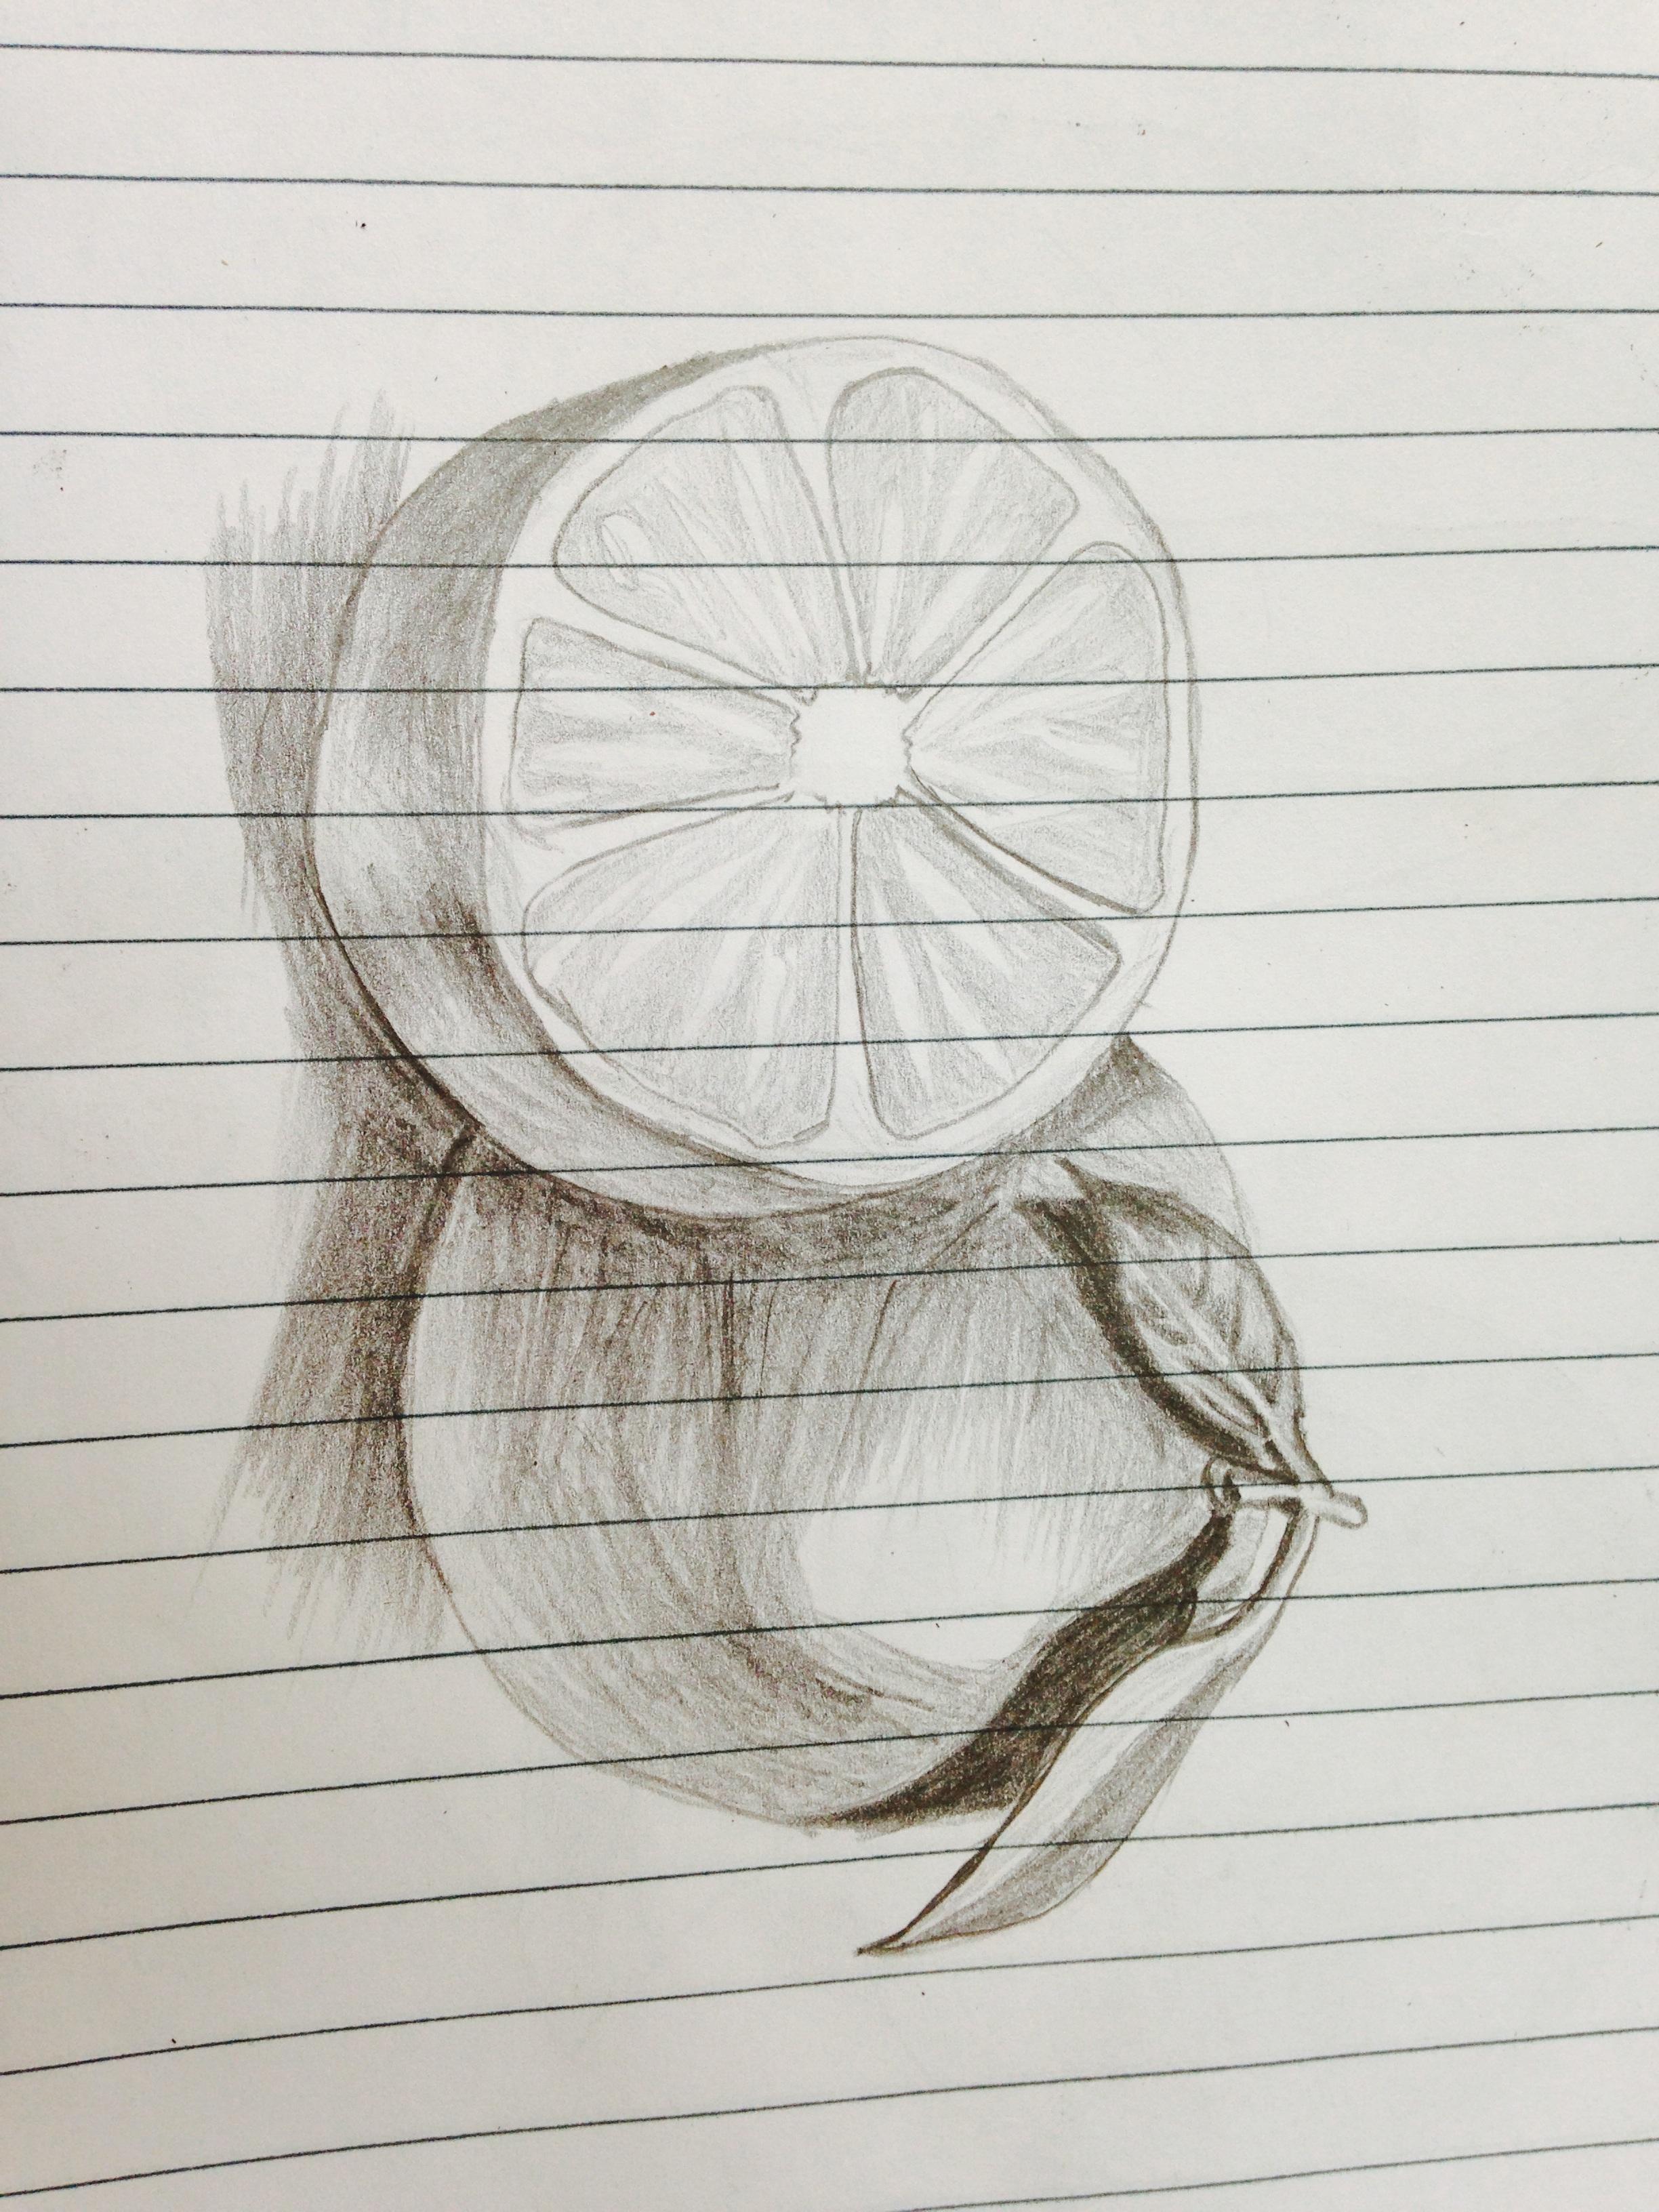 Gambar Jeruk Pola Garis Lingkaran Karya Seni Sketsa